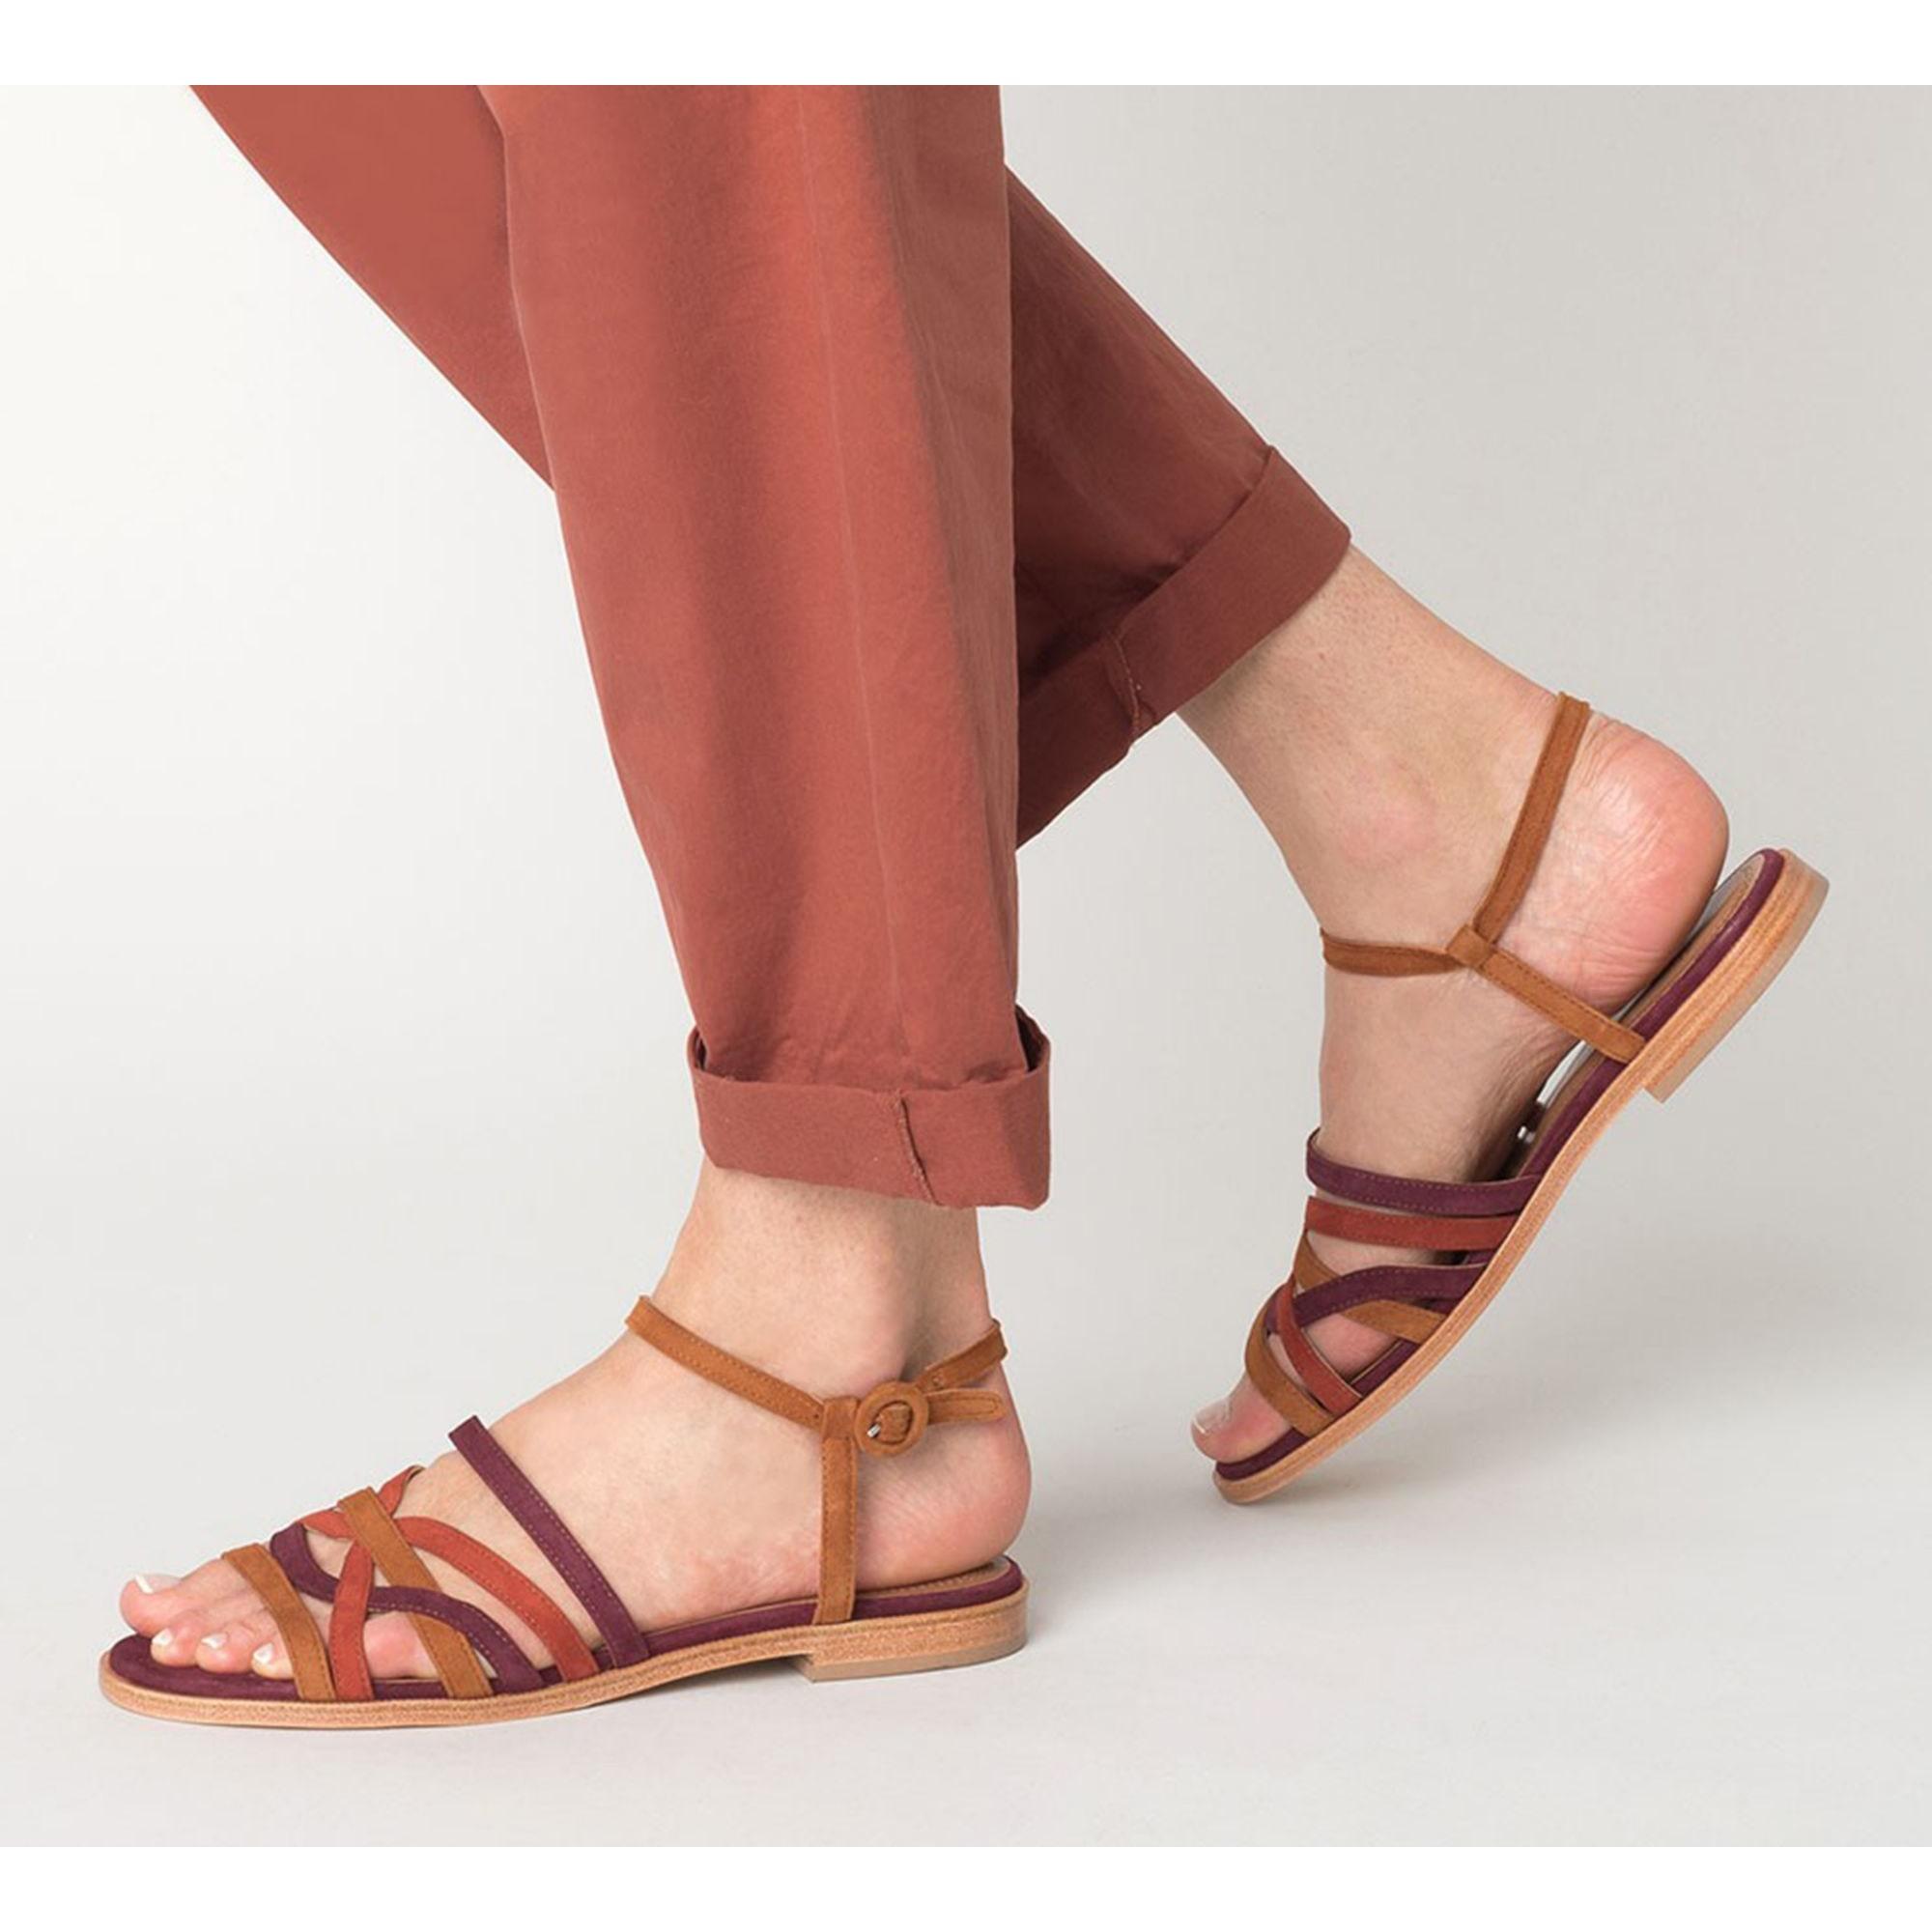 Sandales Par 38 Plates Eram 8231081 Multicouleur Vendu Chonbid yN8nmwv0O